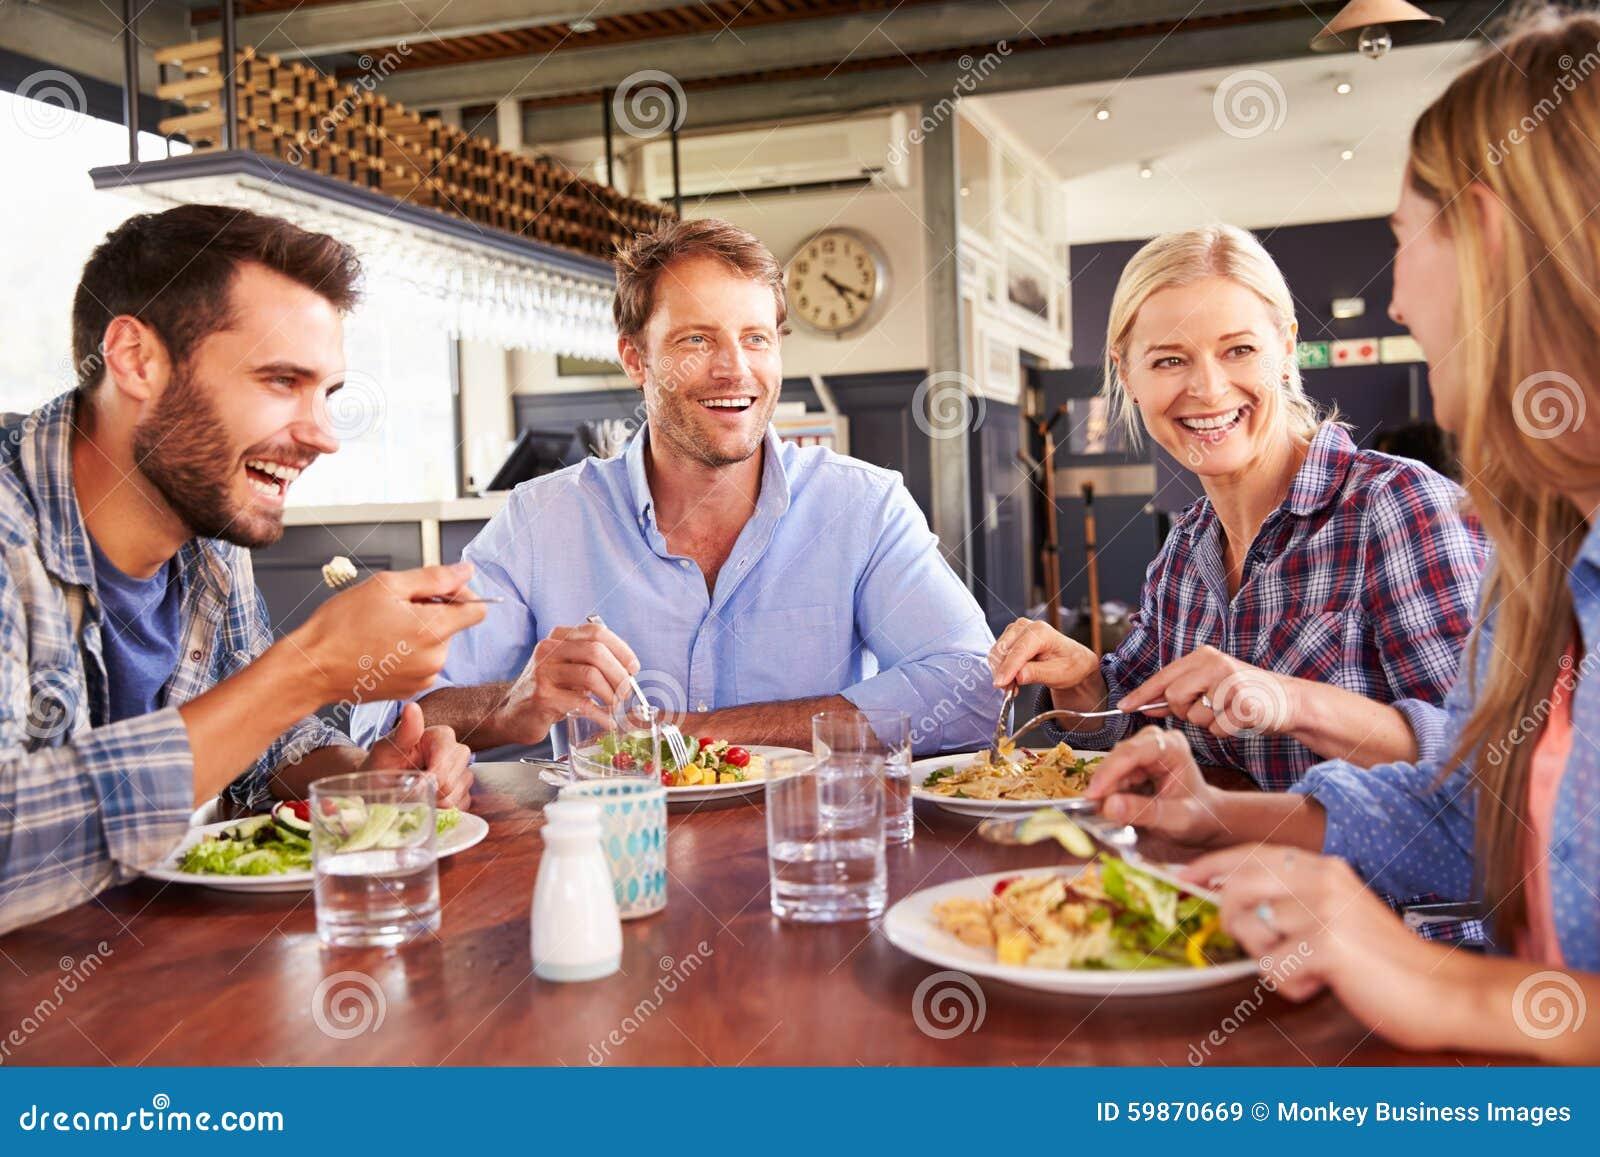 Eine Gruppe Freunde, die an einem Restaurant essen